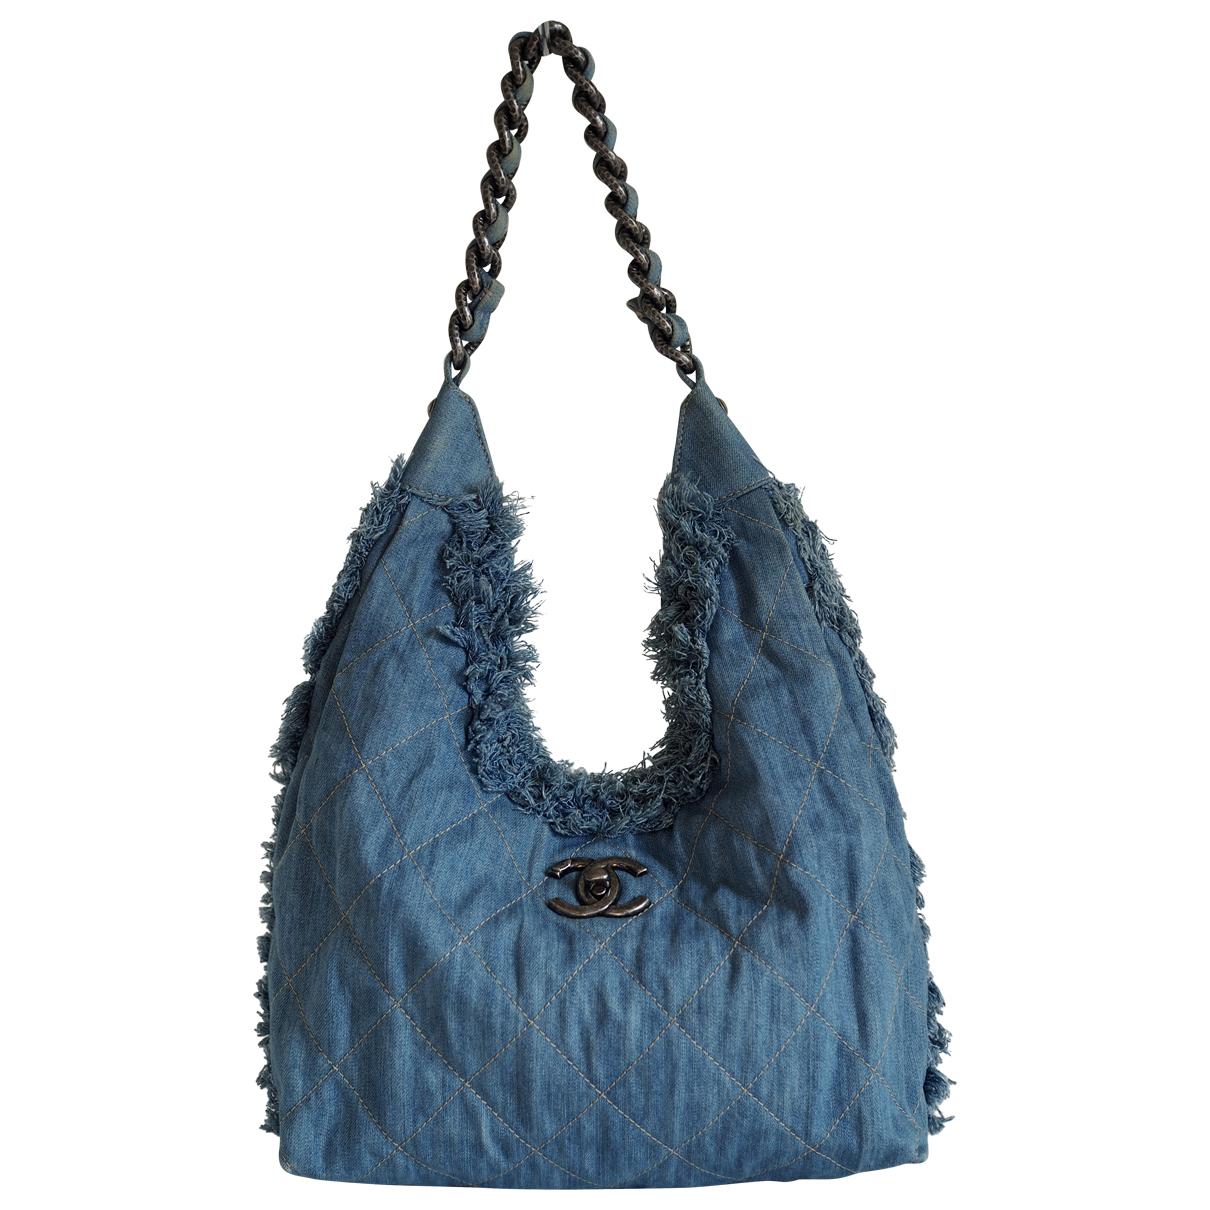 Chanel \N Handtasche in  Blau Denim - Jeans